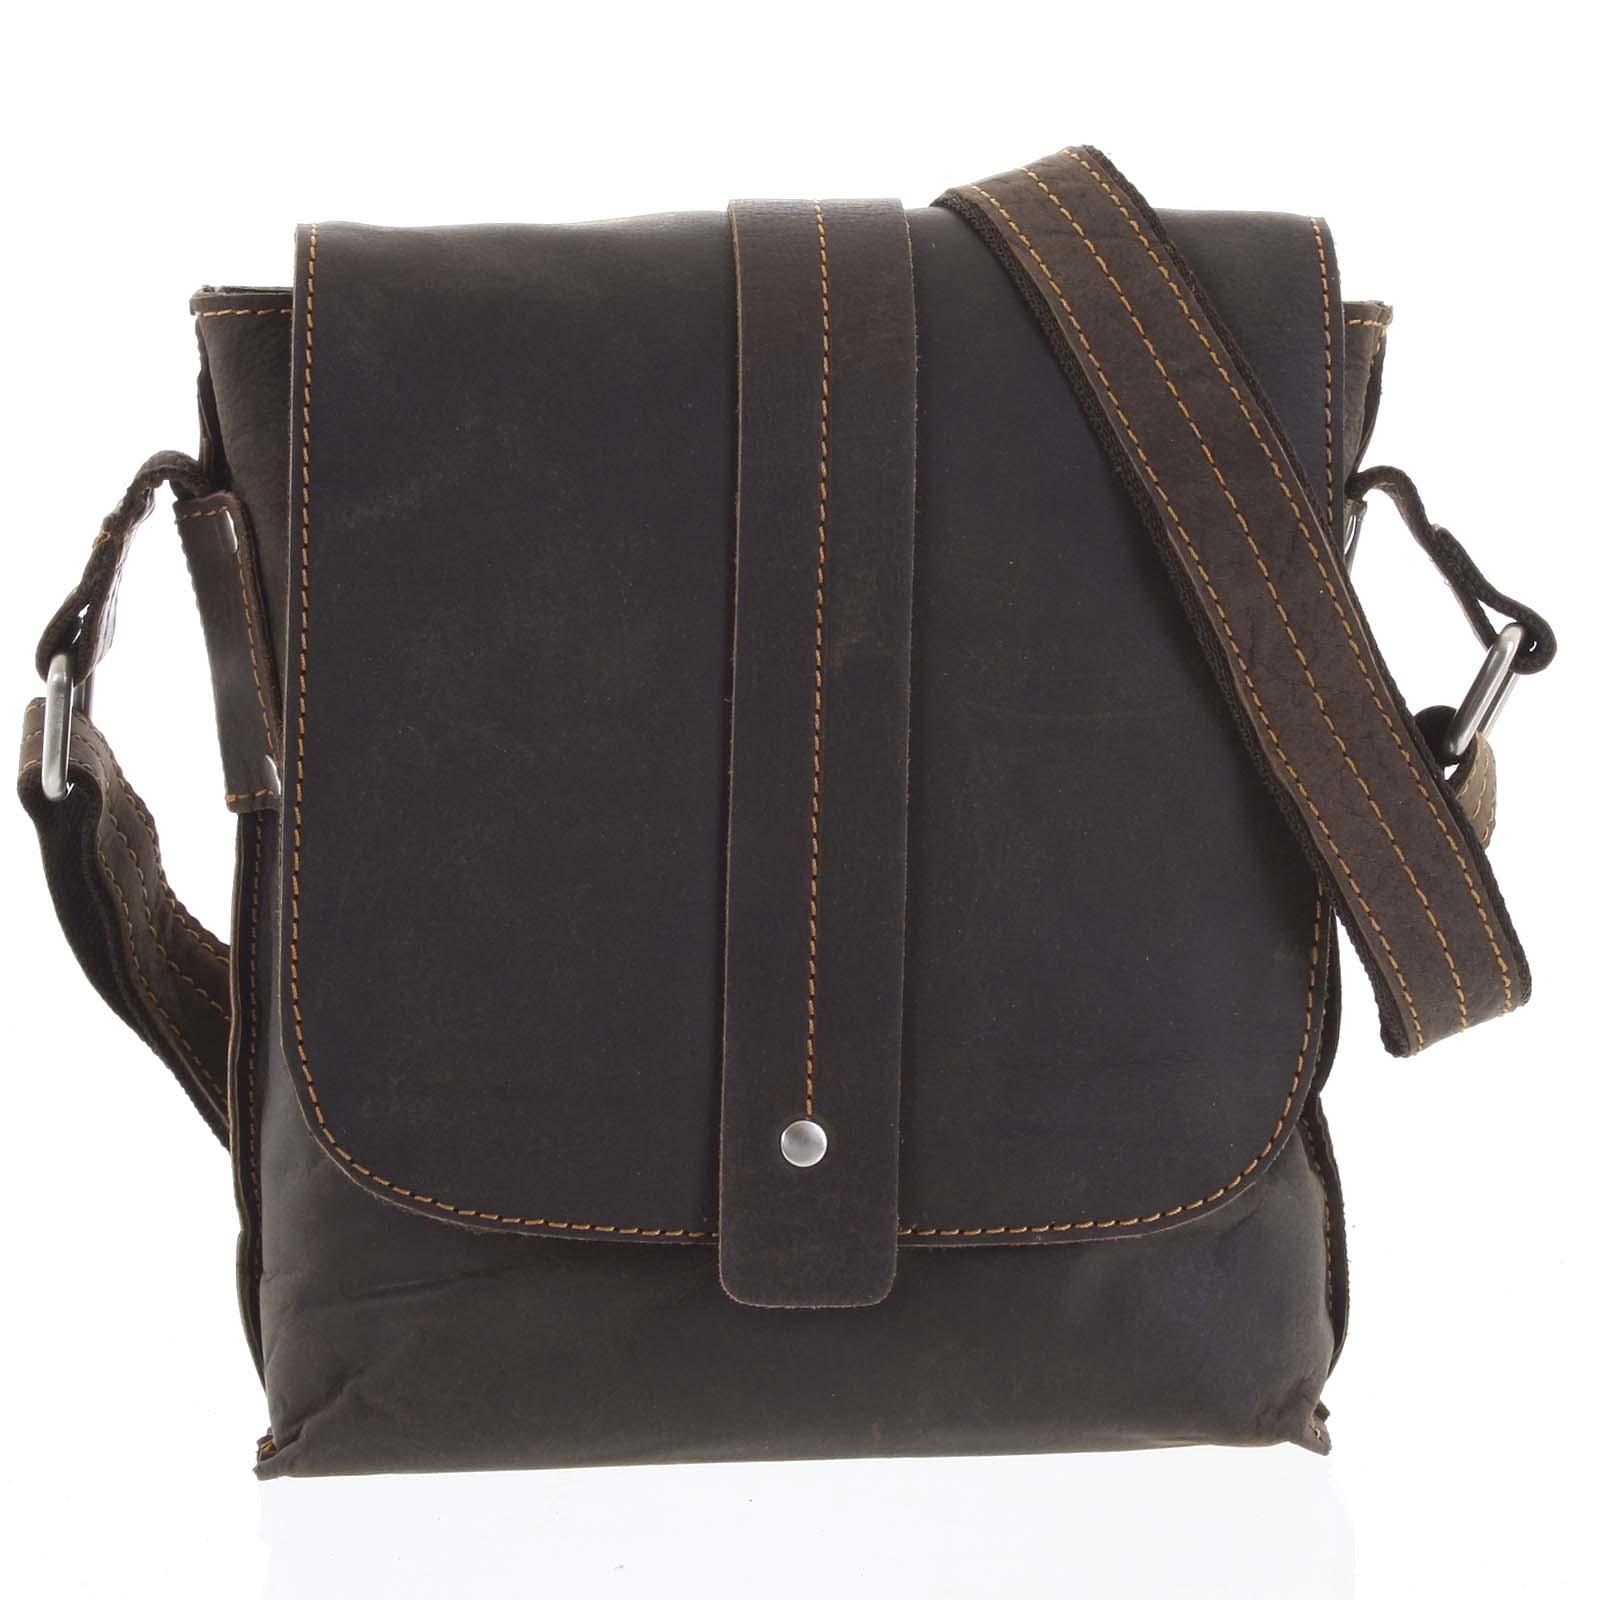 Pánská kožená crossbody taška tmavě hnědá - Greenwood Chester